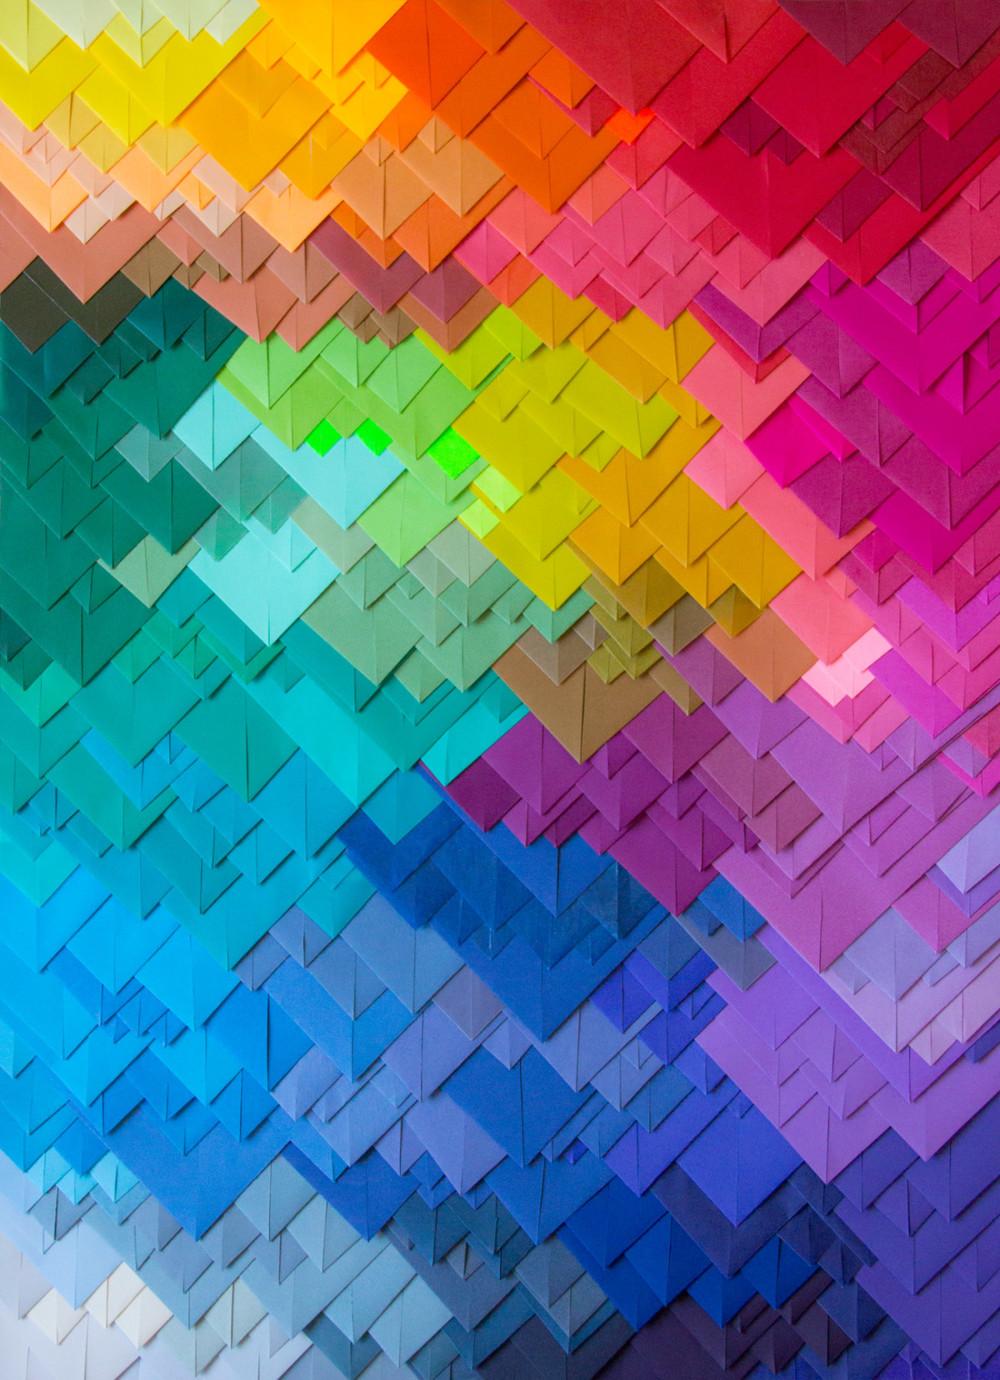 tumblr_nuiq5dXy6G1qkegsbo1_1280.jpg